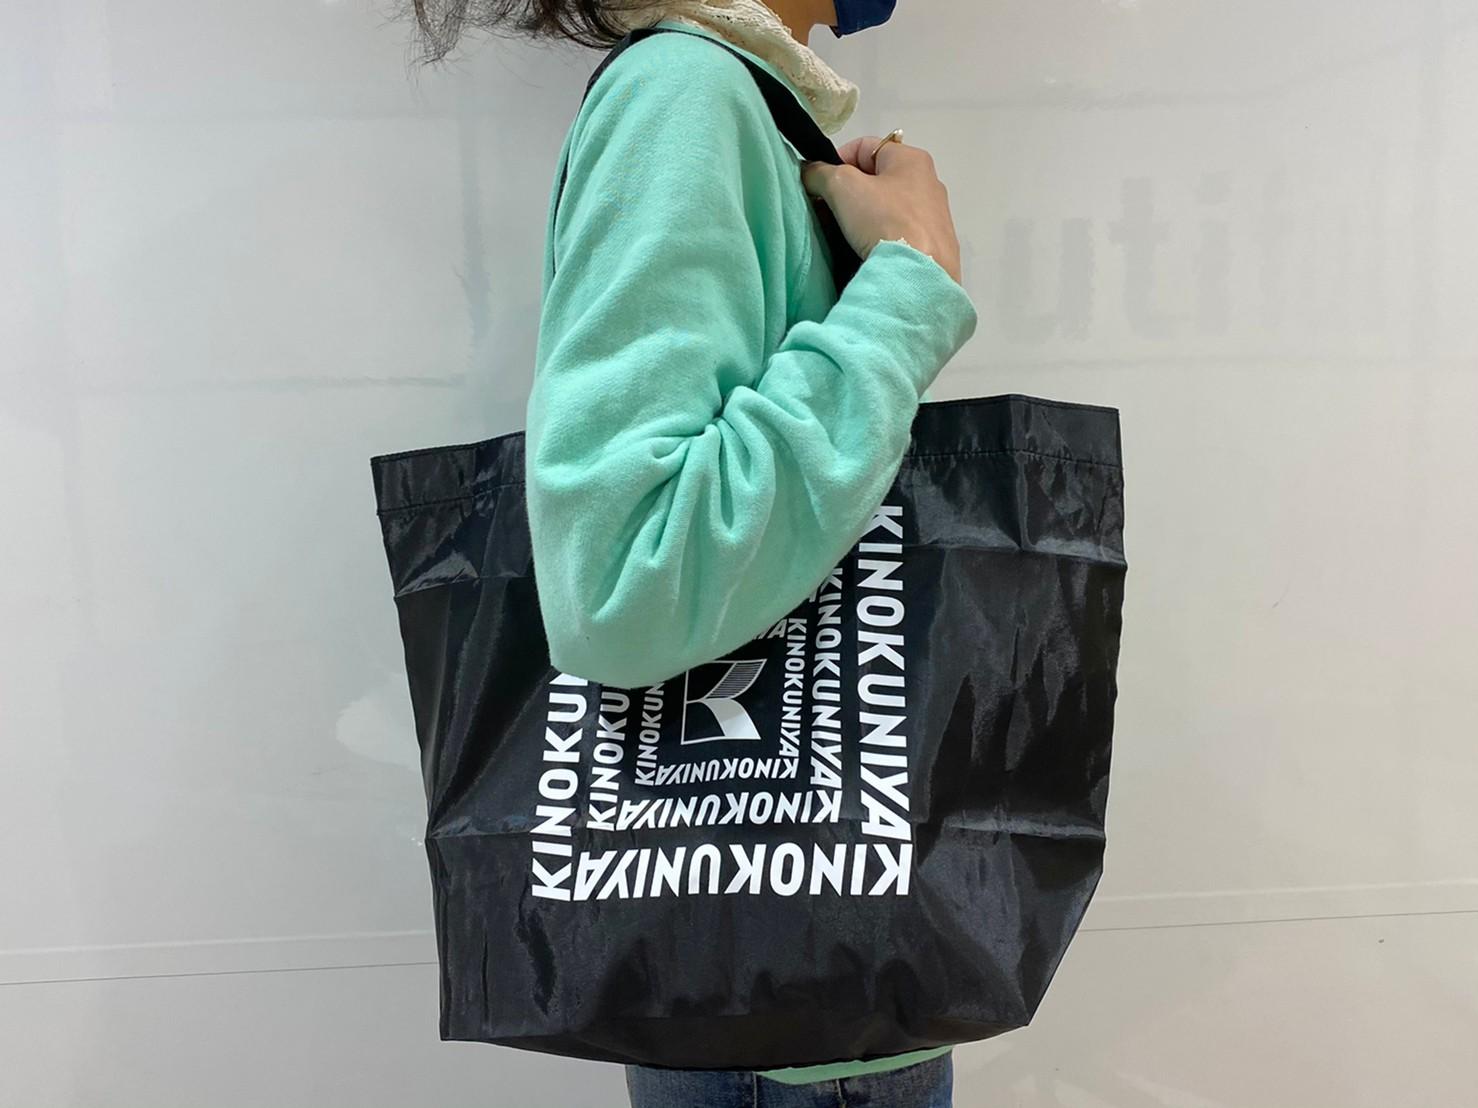 ブラックの買い物バッグ肩掛け画像